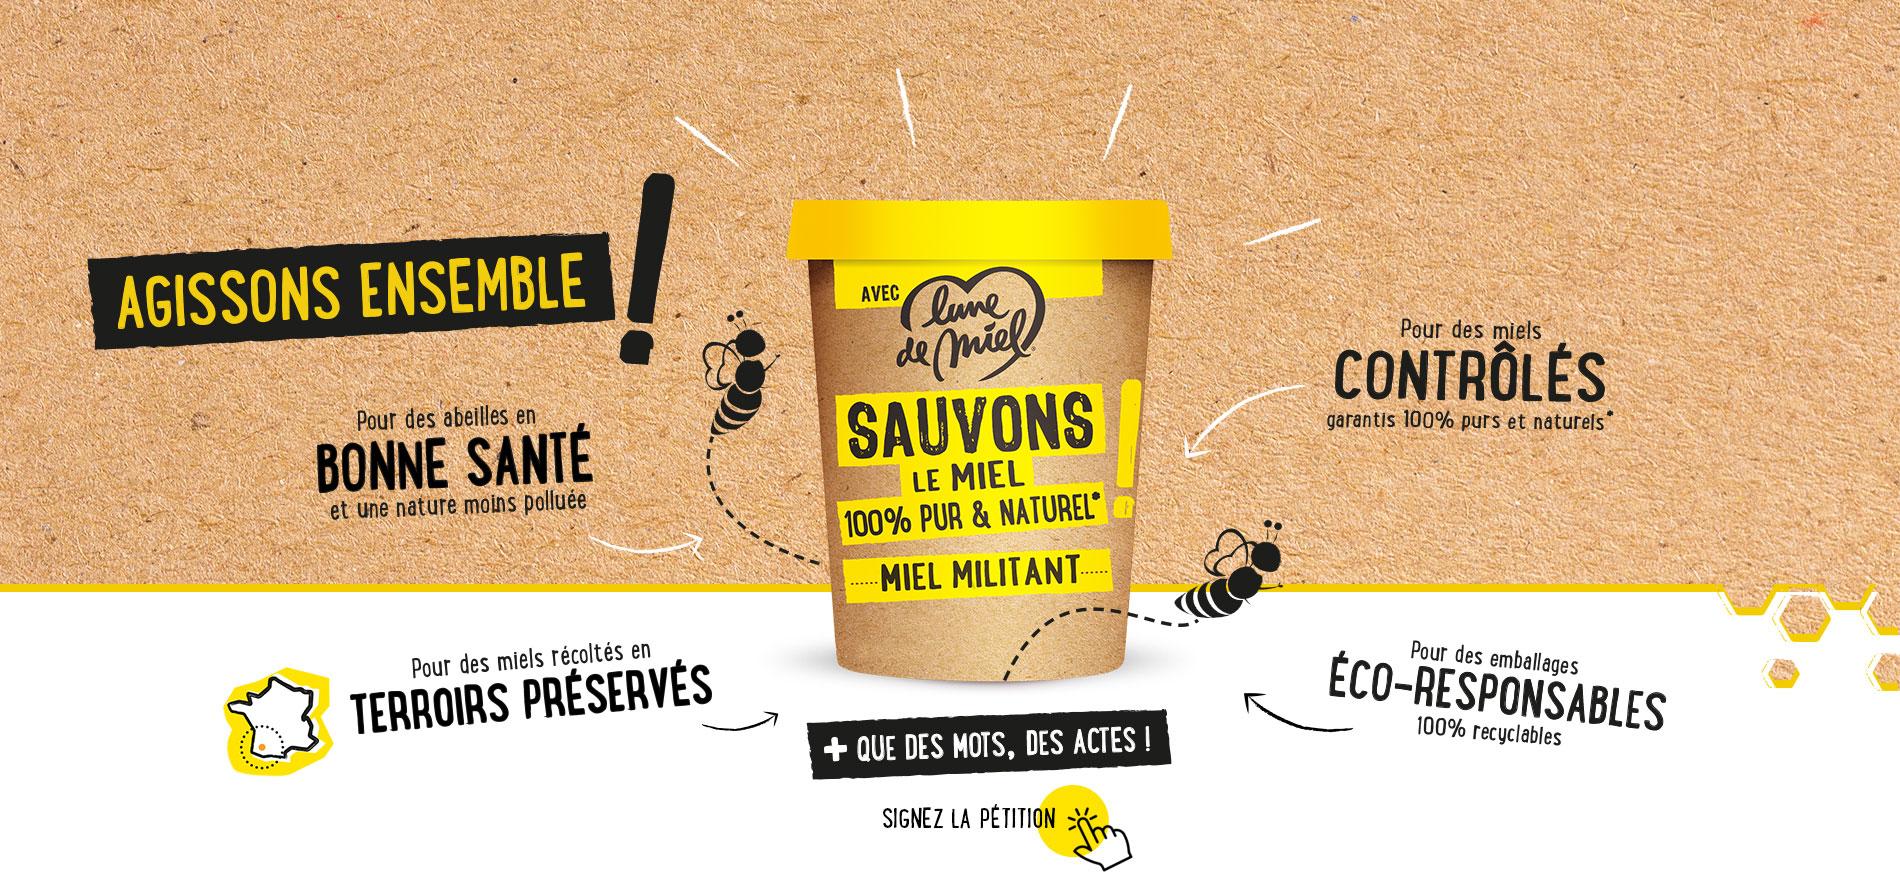 slider illus miel militant 02 1 - Moins de pesticides pour notre avenir